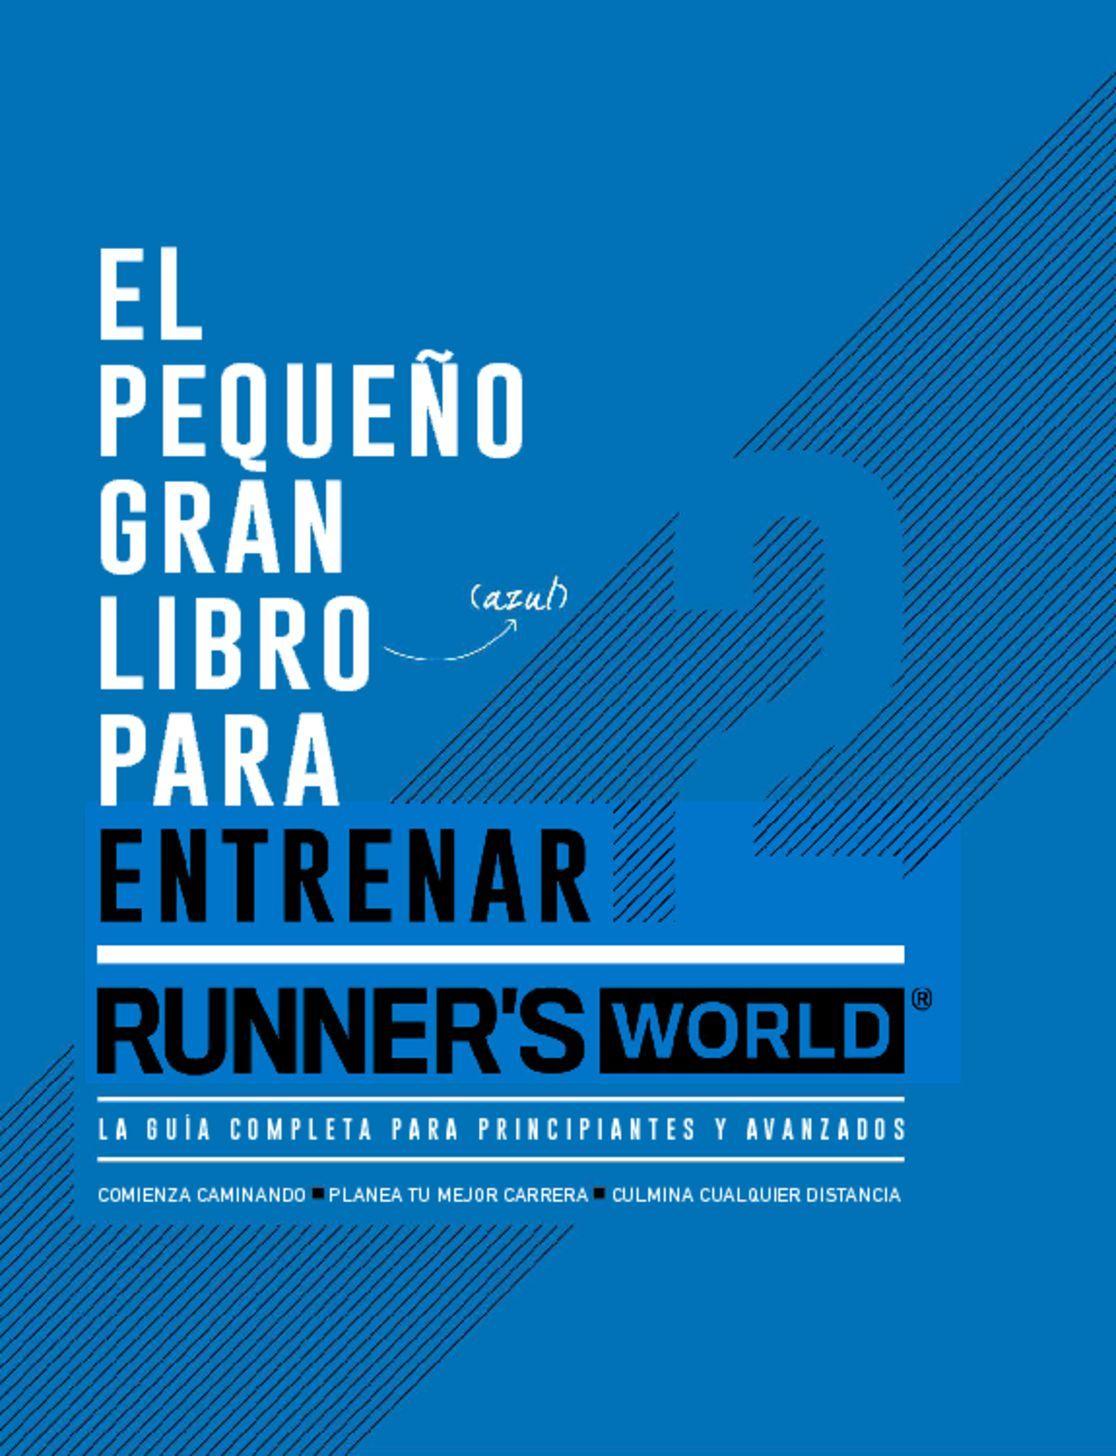 Runner's World México - El pequeño gran libro (azul) para